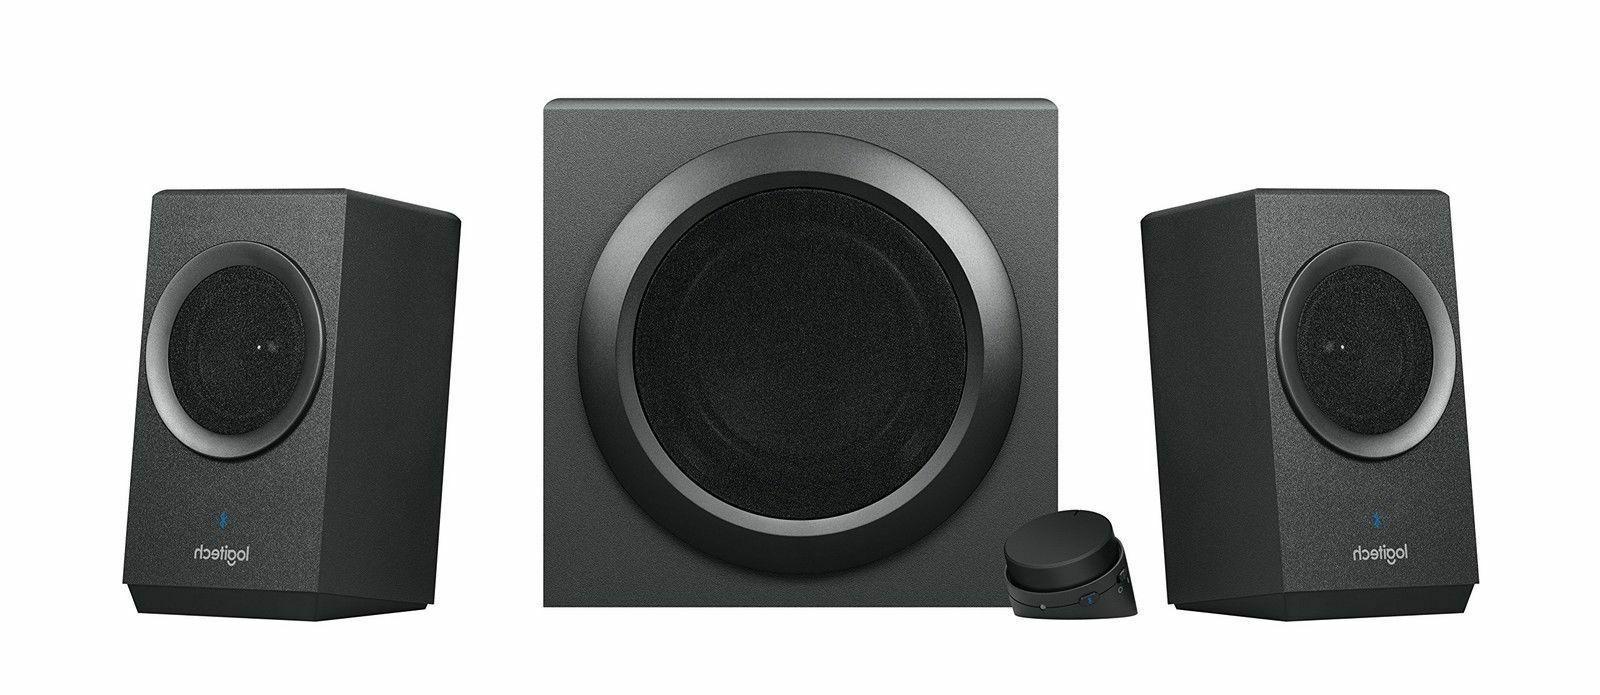 z337 2 1 speaker system 40 w